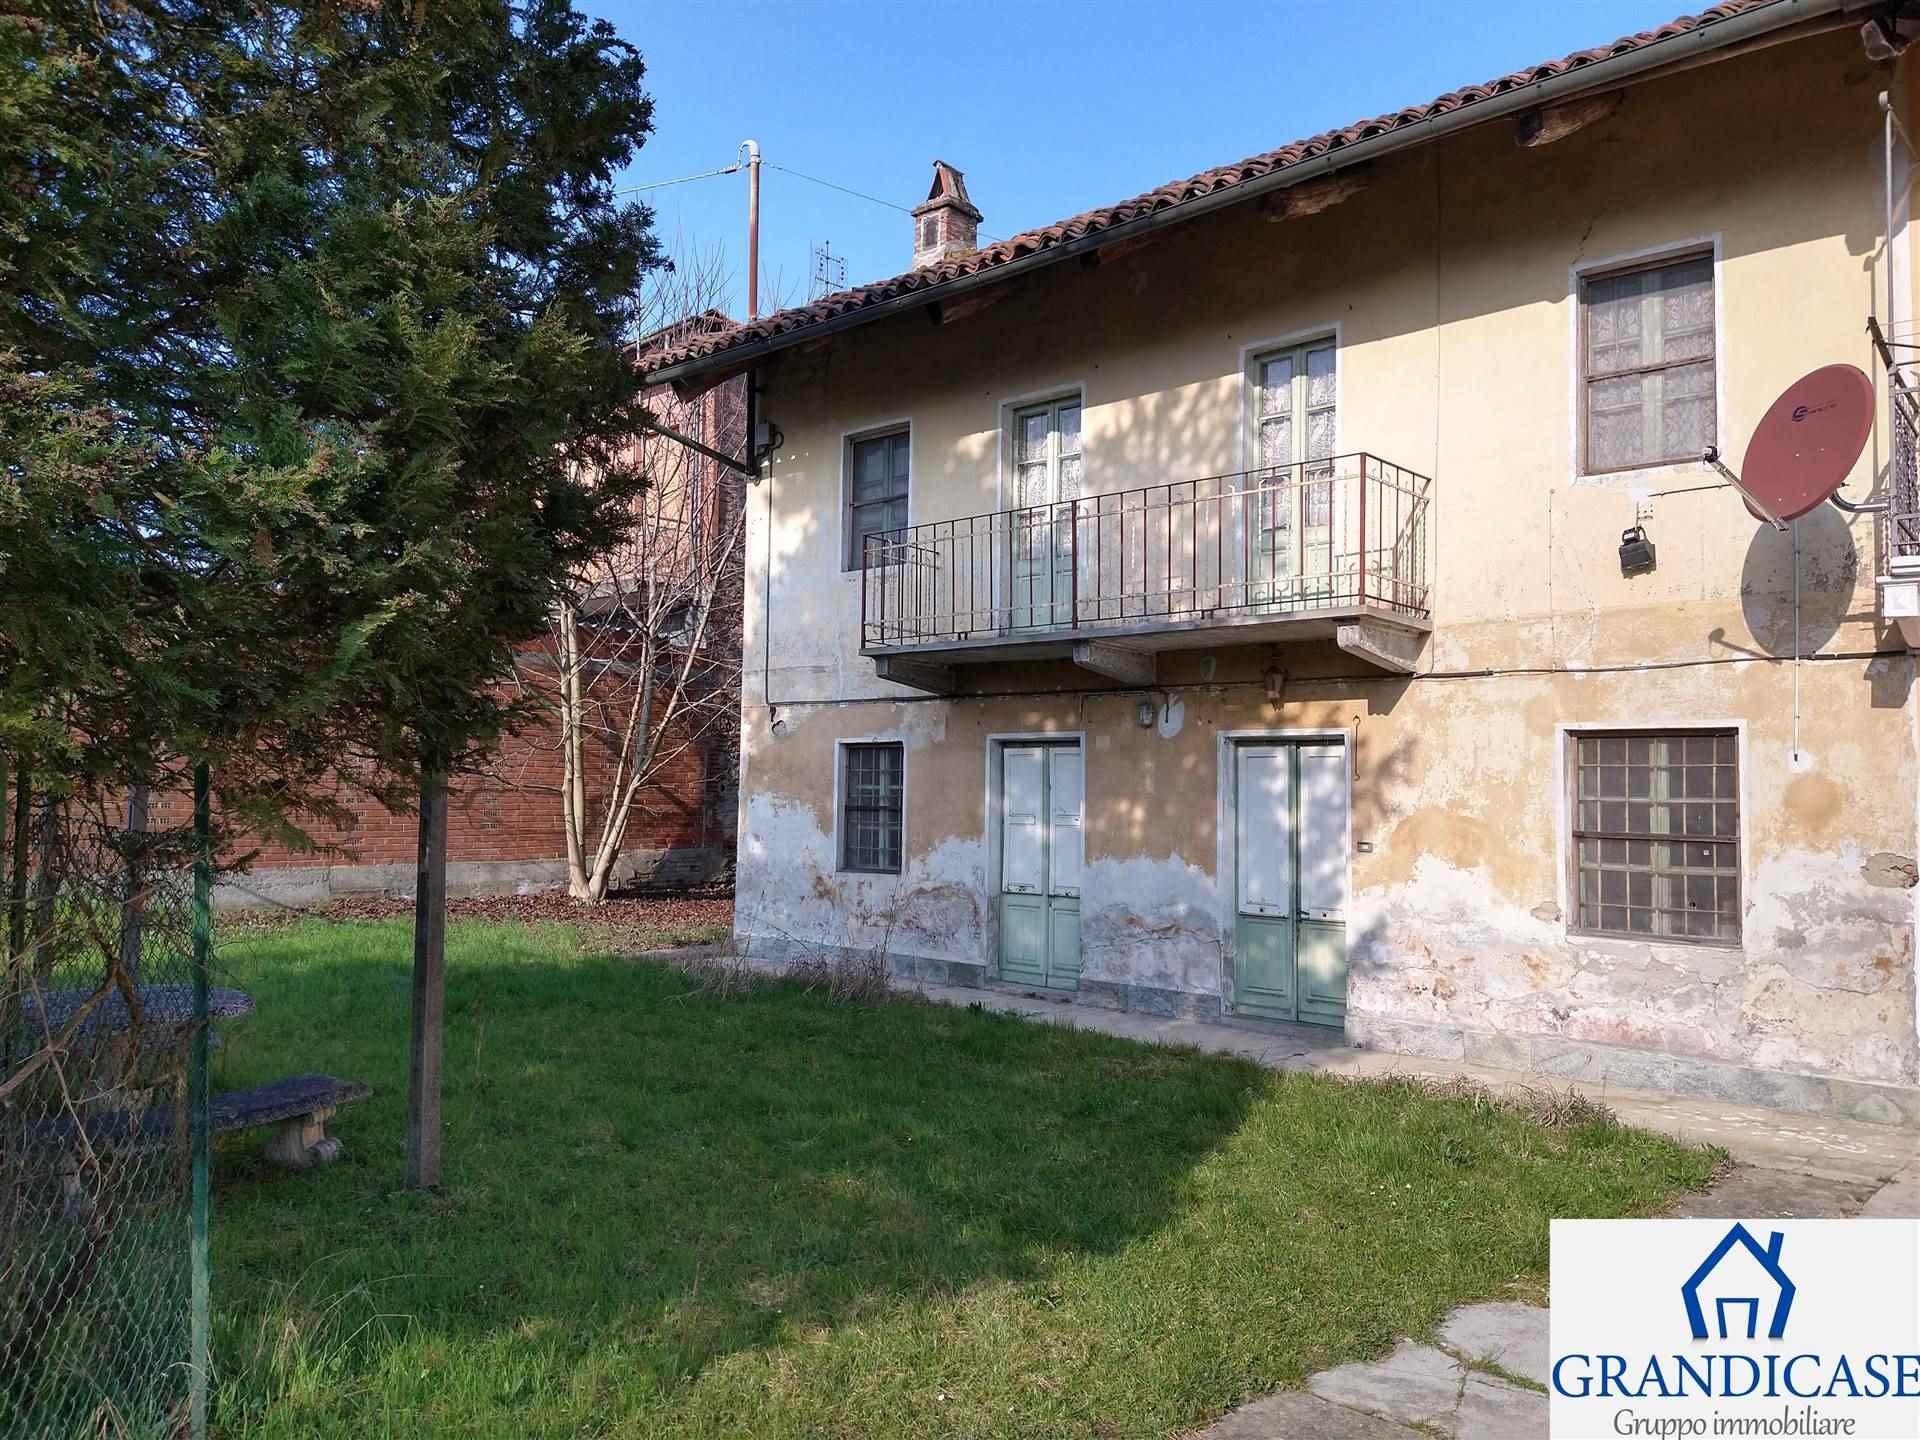 Rustico / Casale in vendita a San Sebastiano da Po, 6 locali, prezzo € 49.000   PortaleAgenzieImmobiliari.it